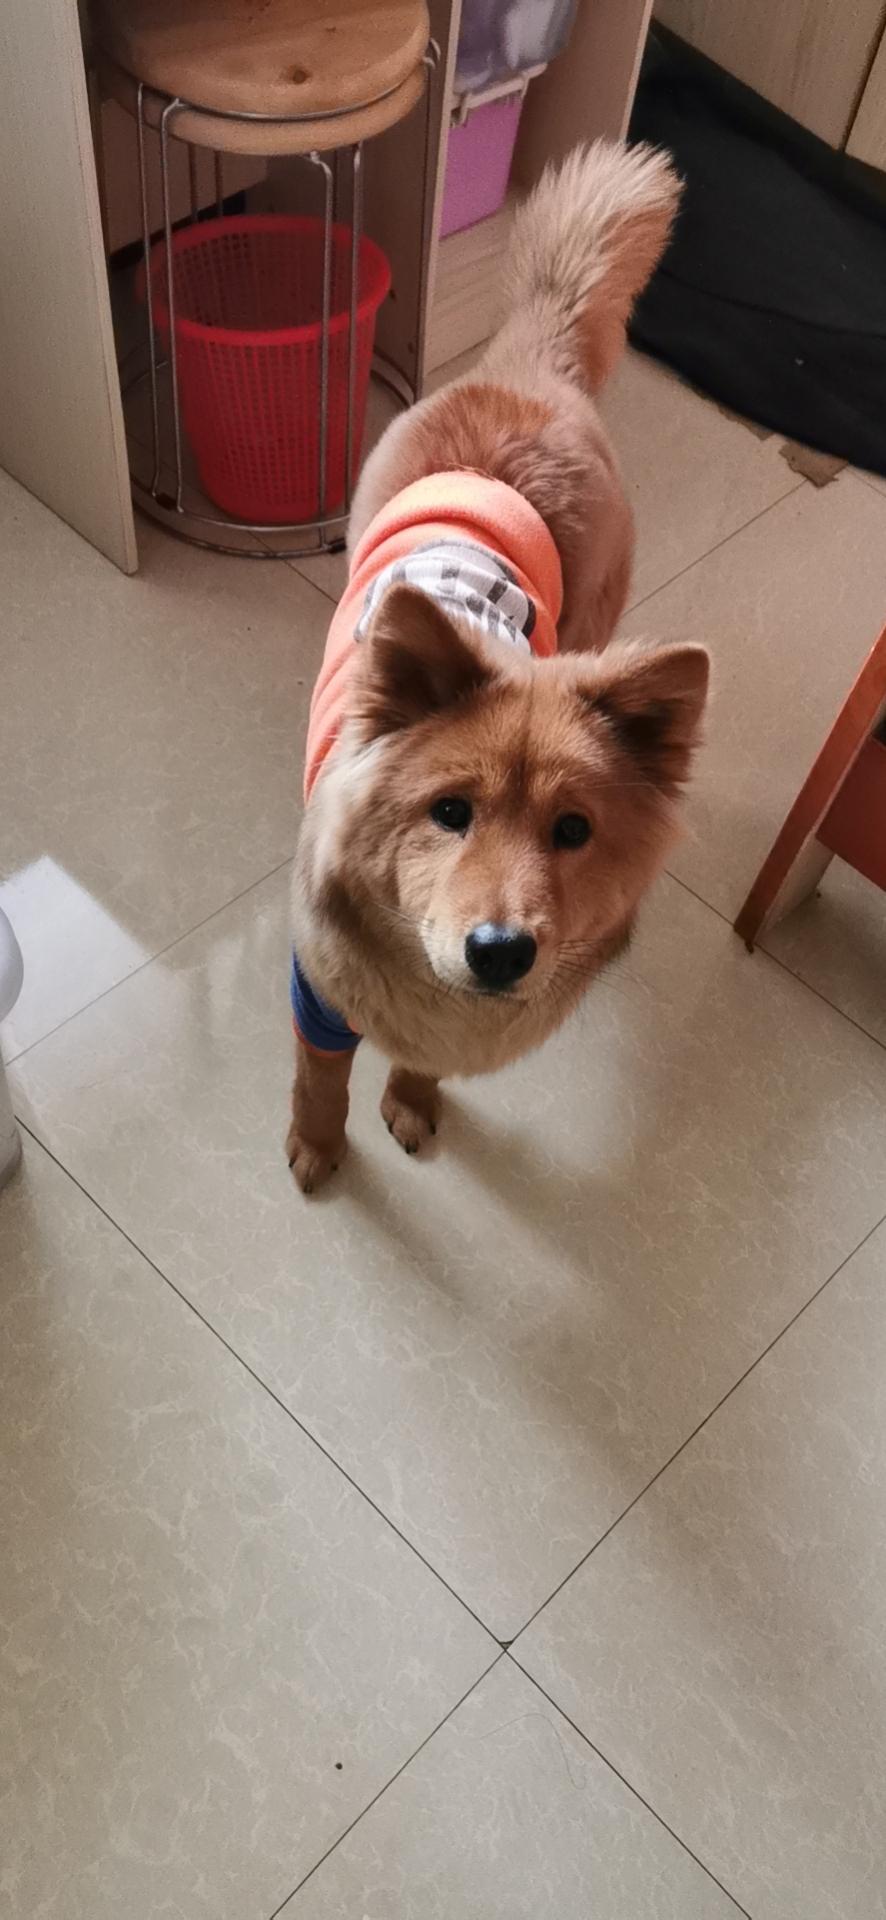 残されたペットを世話するボランティア 新型肺炎受け 中国